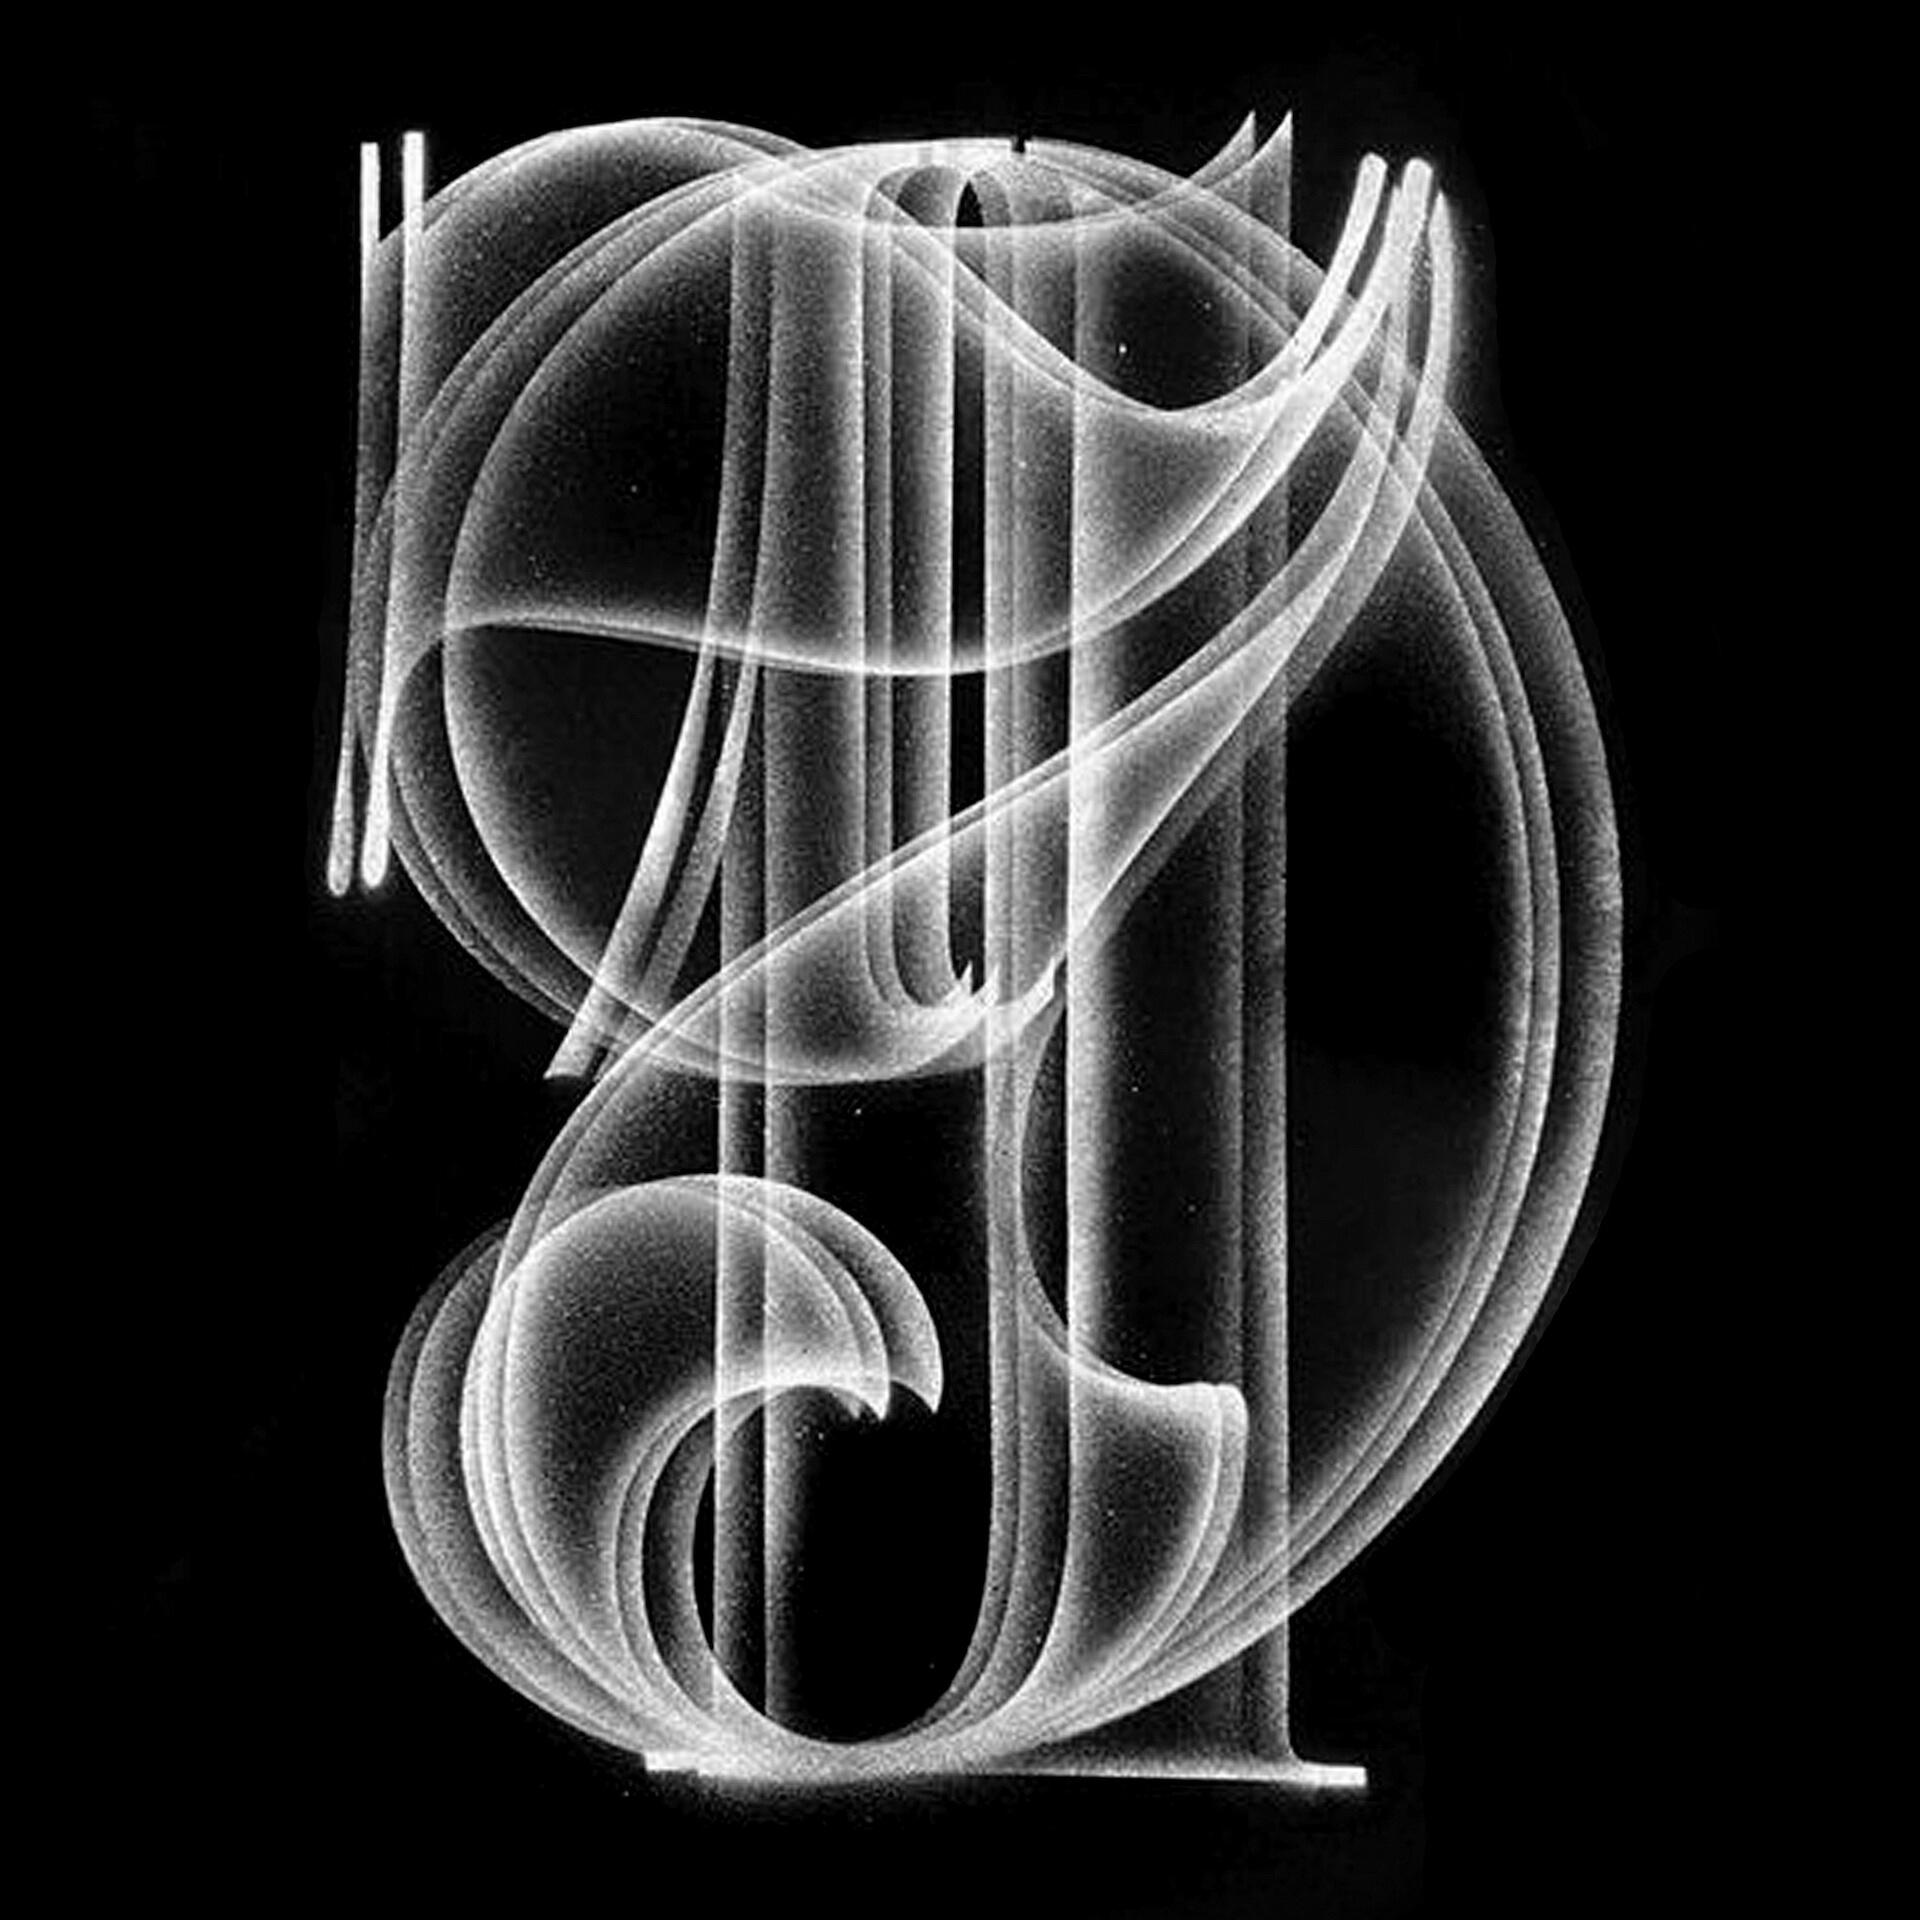 黒瀧節也による音楽と写真を組み合わせたアートヴァイナルやNFT作品のエキシビジョン<ALTER EGO>が原宿 THE PLUGにて開催! art210604_alterego_6